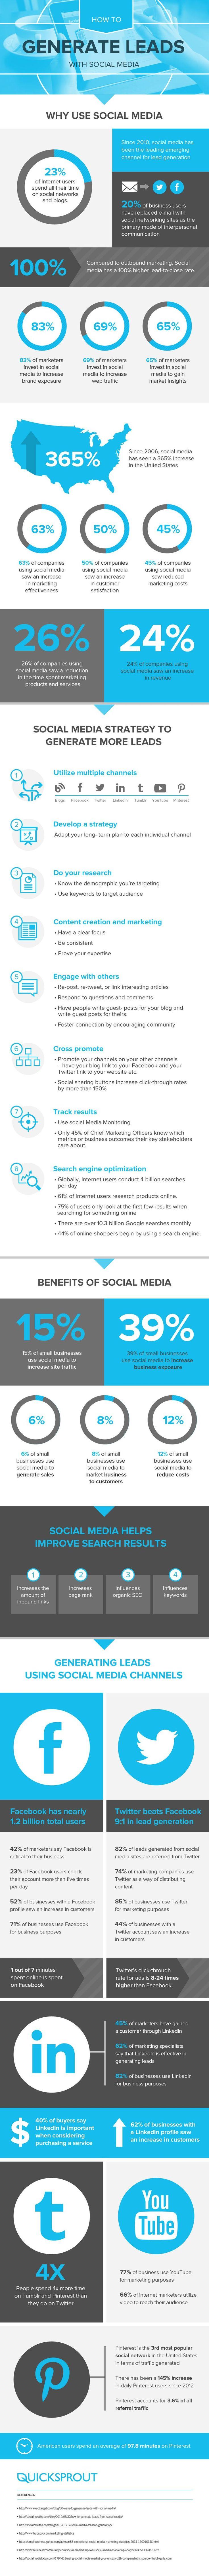 Es la gran pregunta gran. Còmo hacer que mis redes sociales generen oportunidades reales de negocio?? Interesante para considerar.